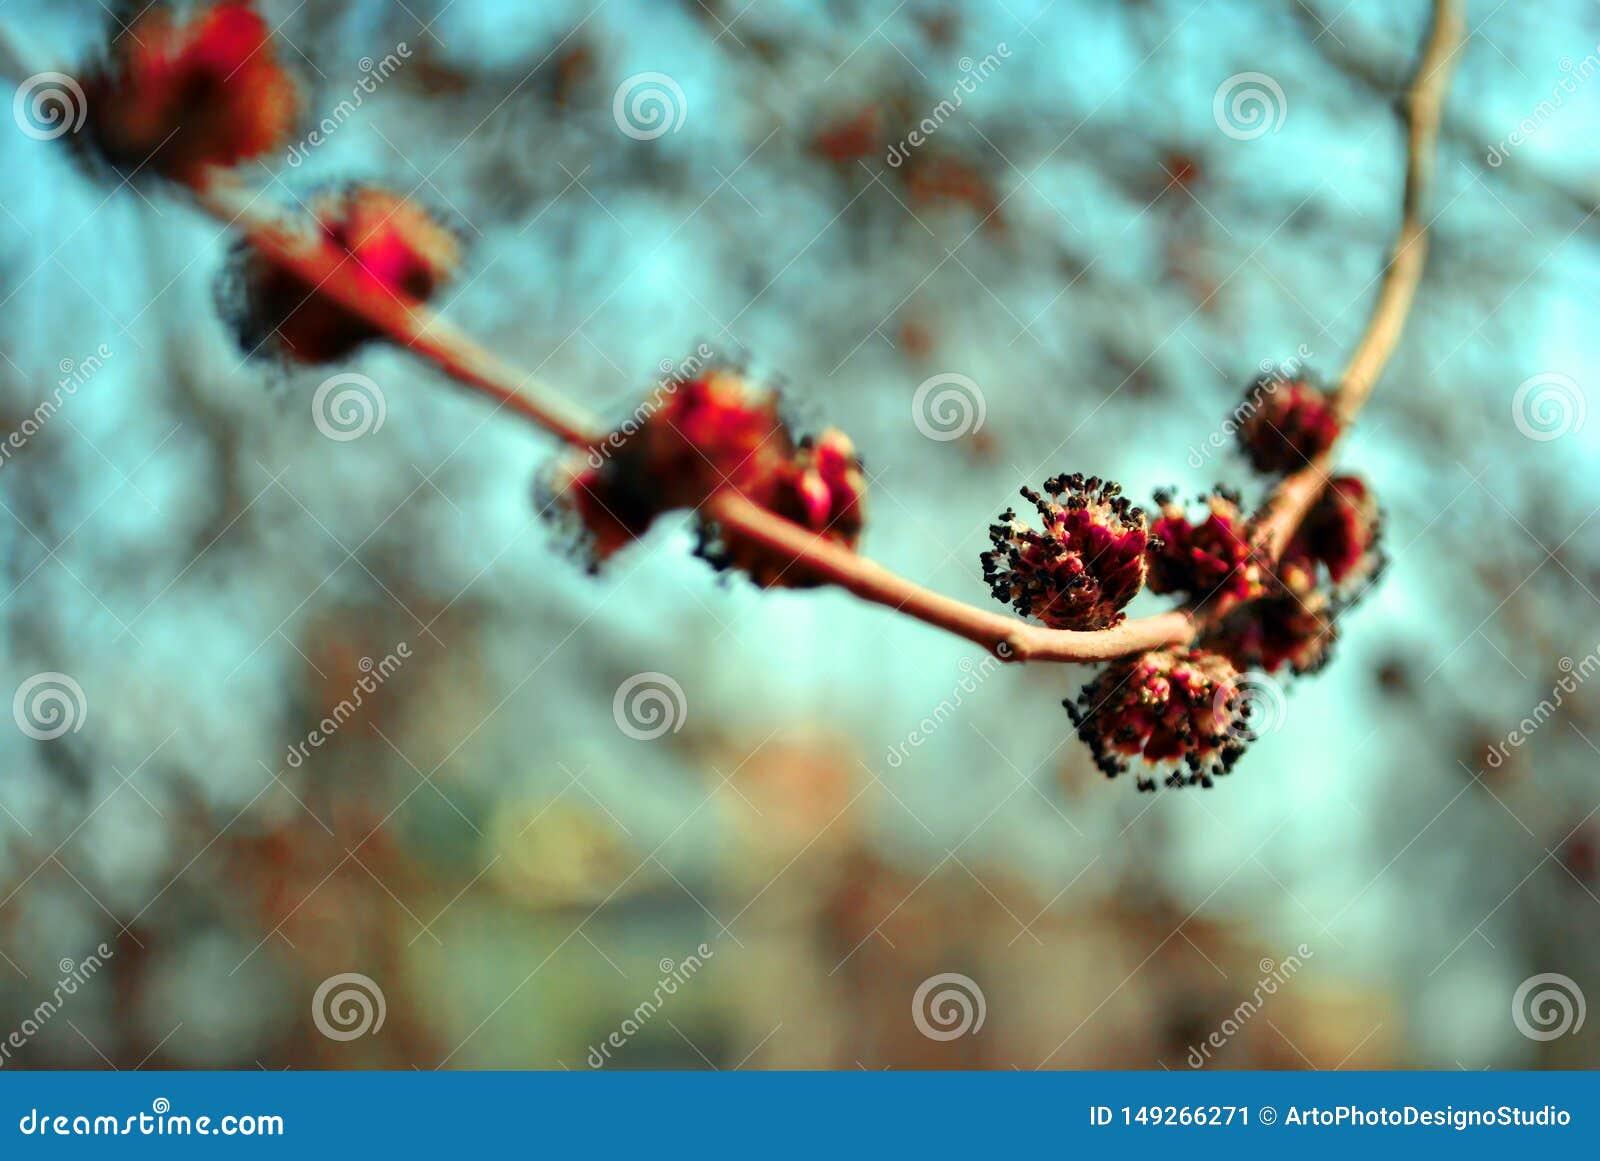 Czerwonego klonu kwiatów Acer rubrum gałąź z nowymi wiosen menchiami kwitnie, rozmyty nieba bokeh tło